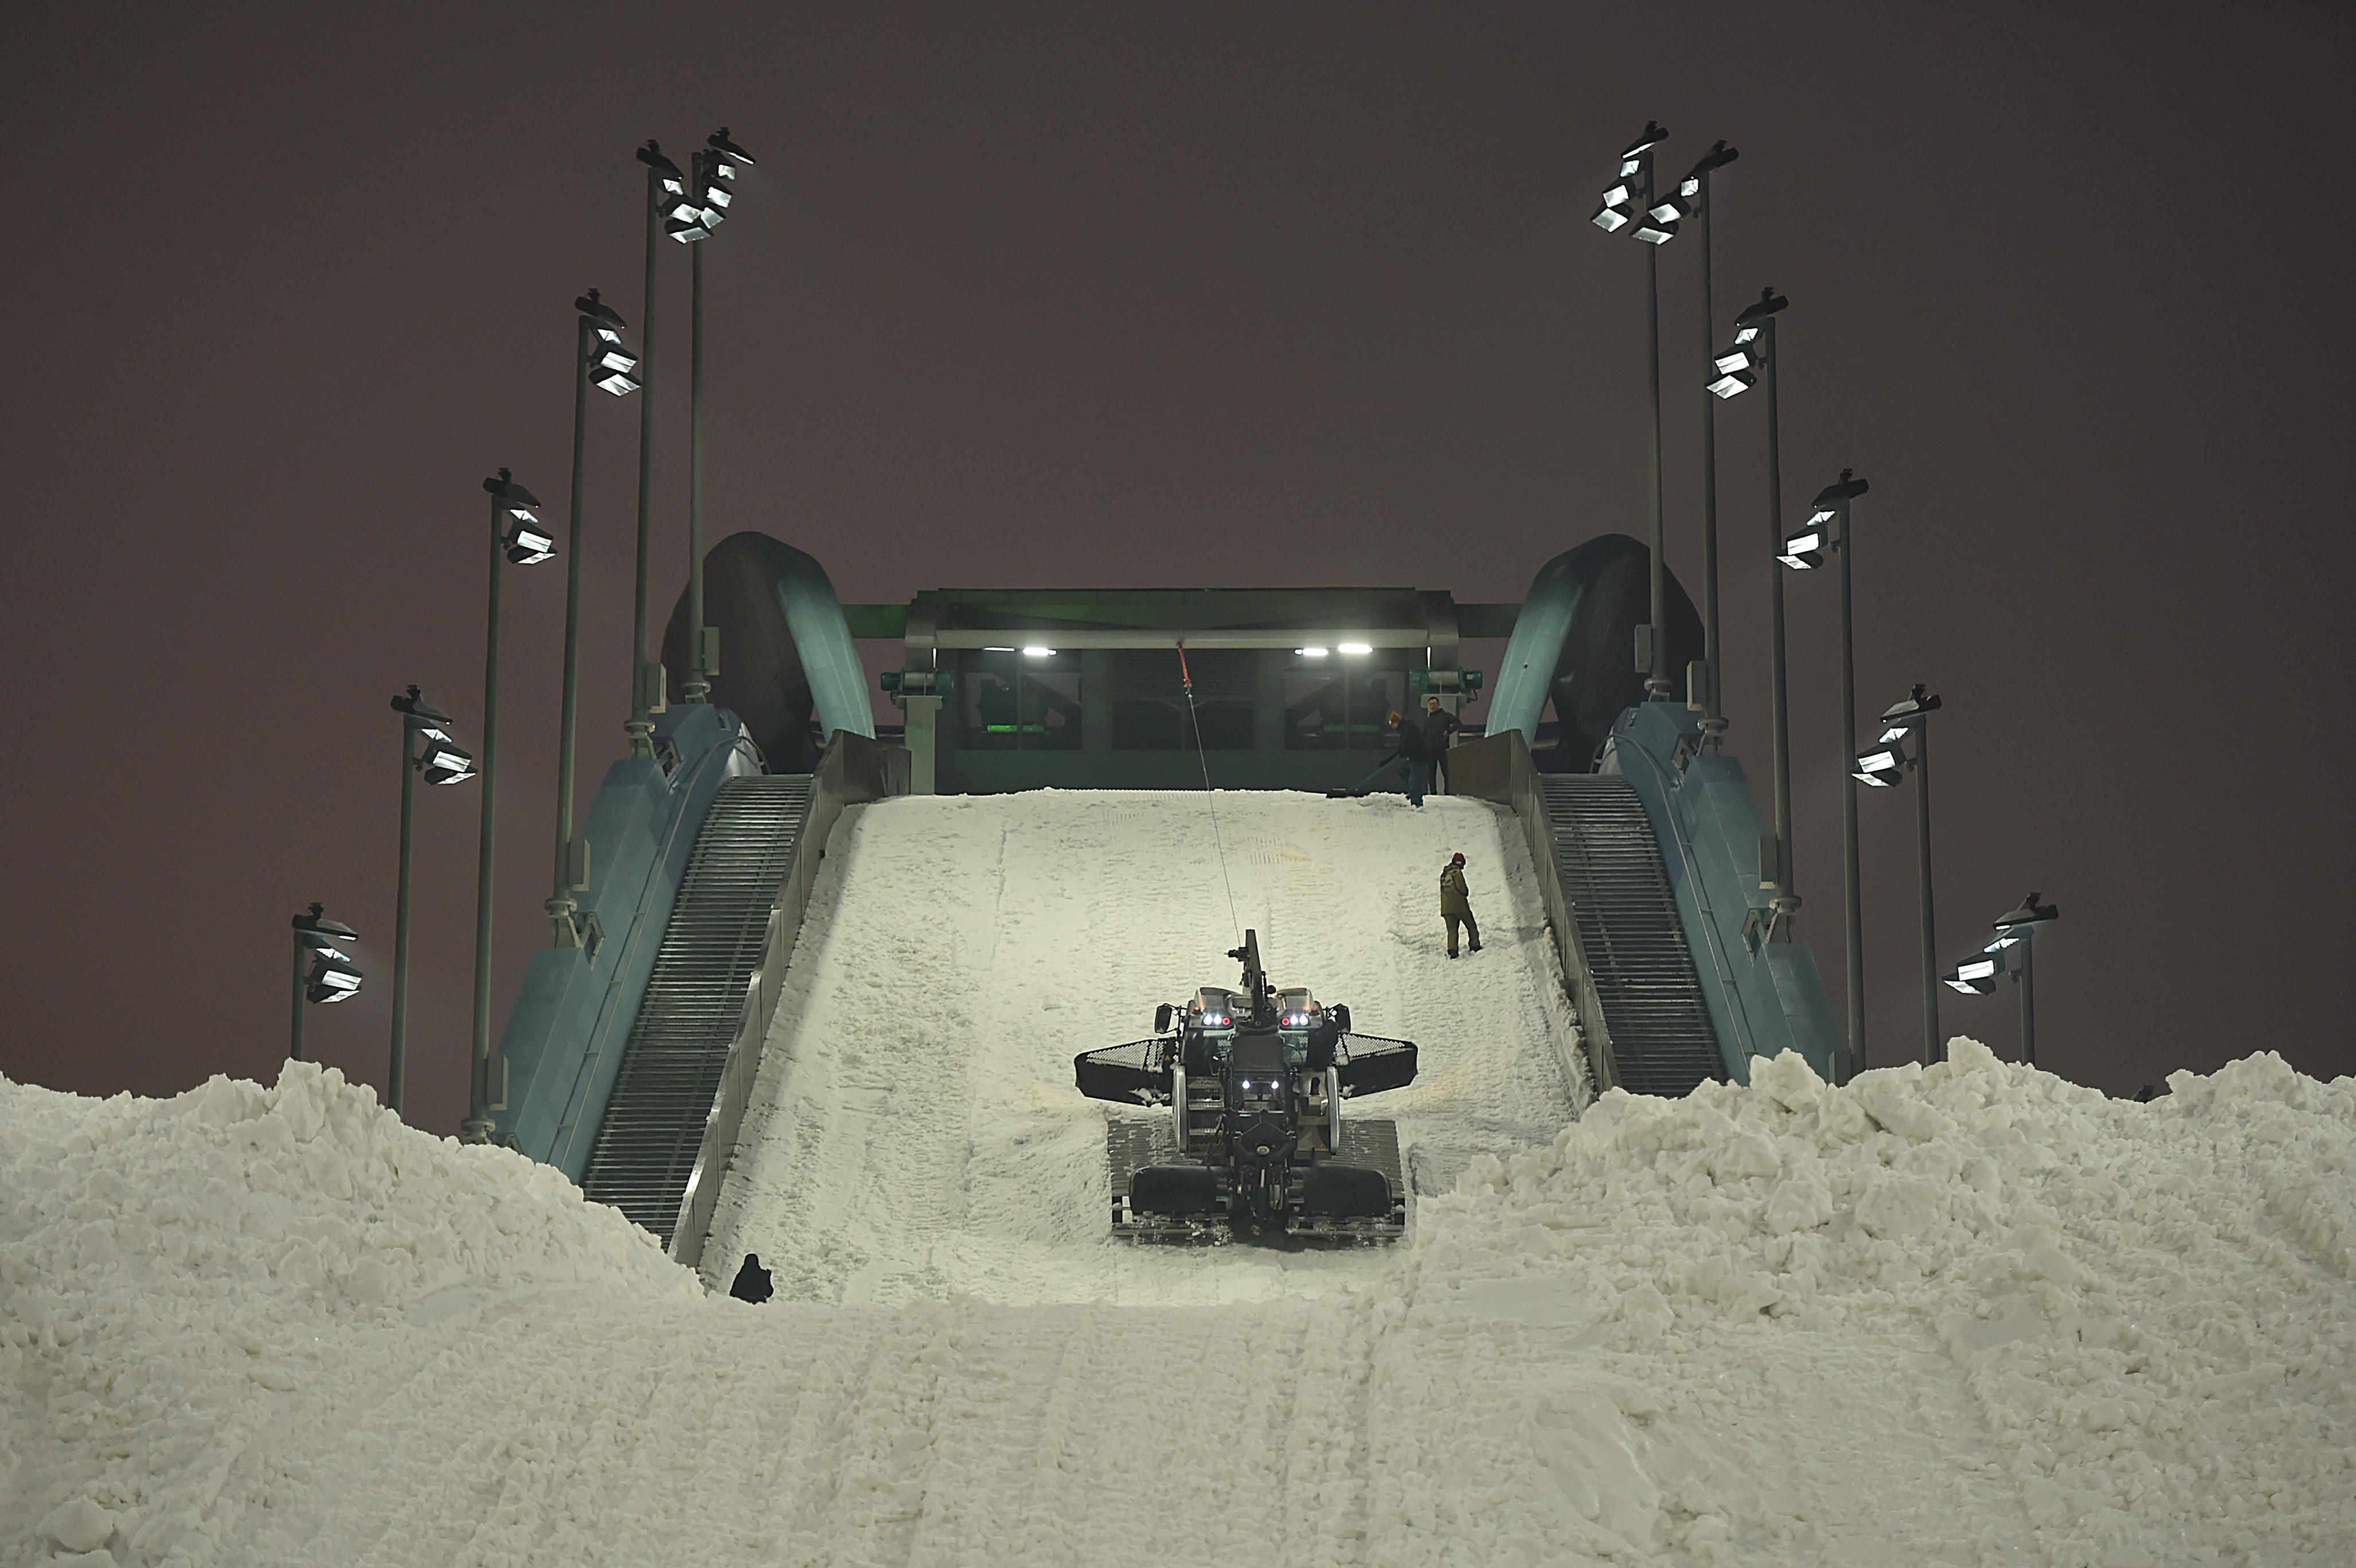 北京冬季五輪・パラのスキージャンプ台でライトショー